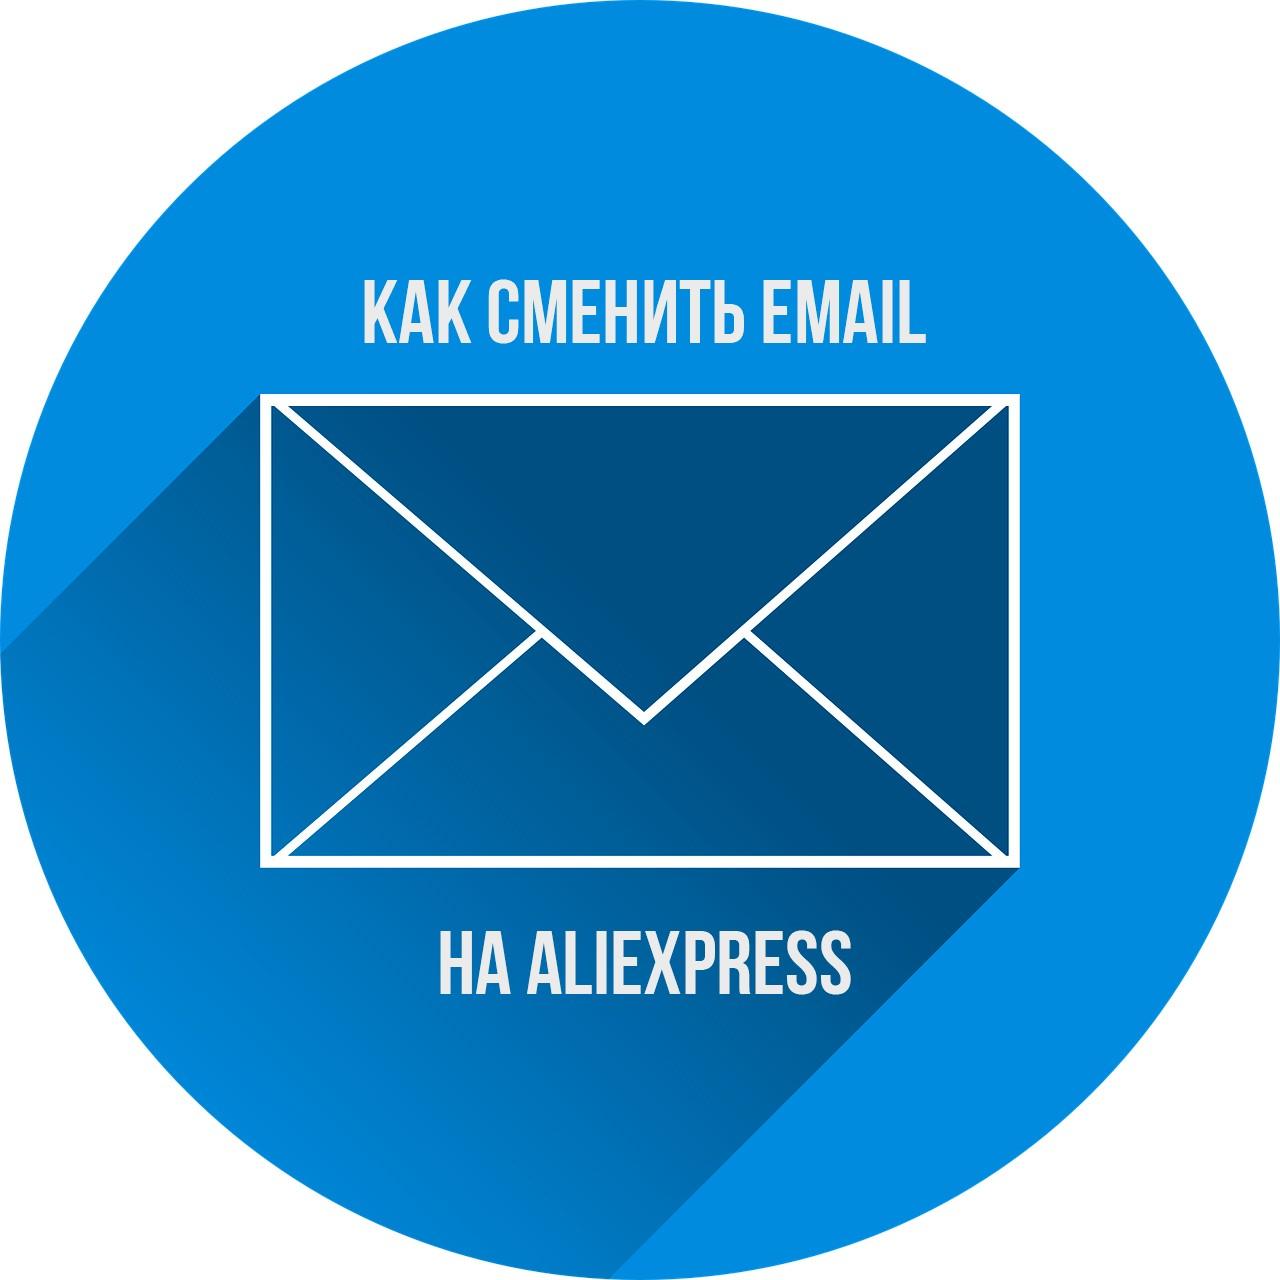 как сменить email на aliexpress